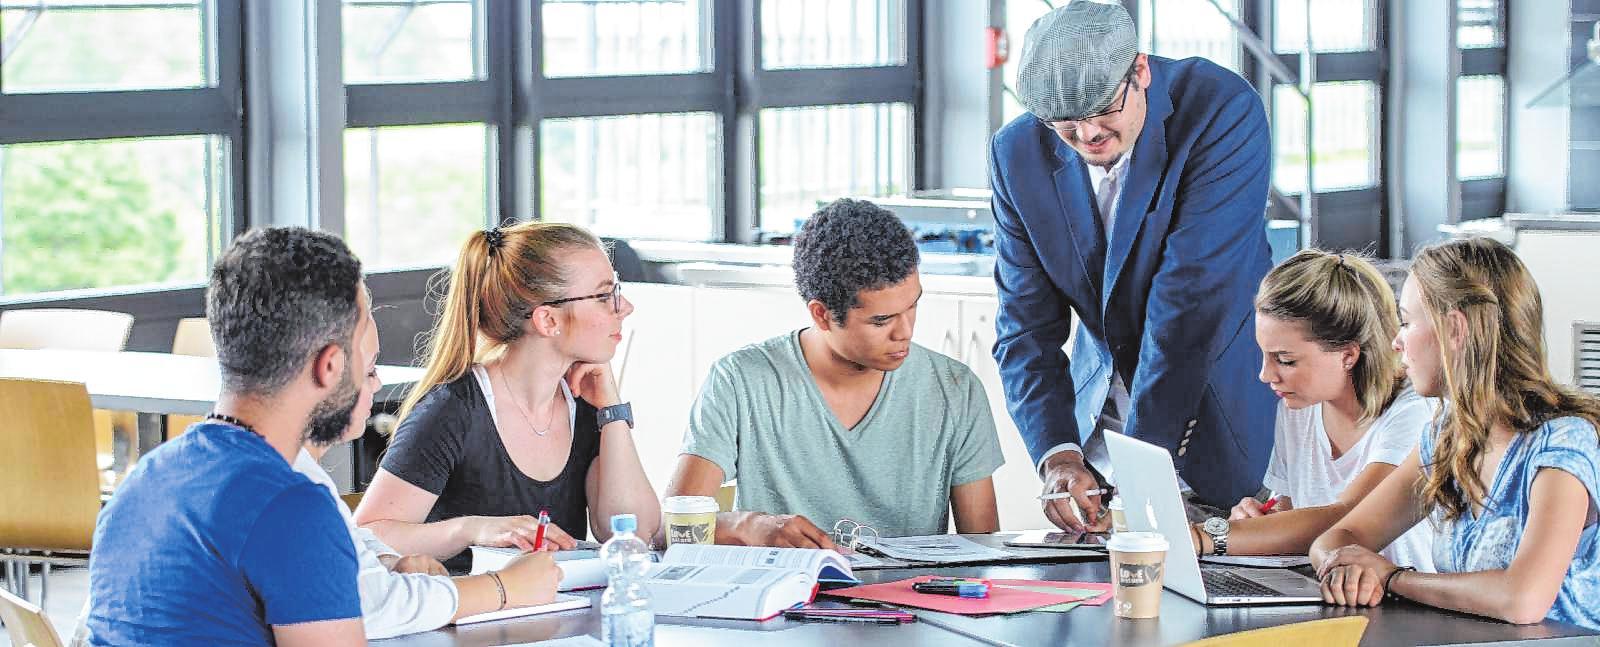 Services rund um Bewerbung und Studieneinstieg